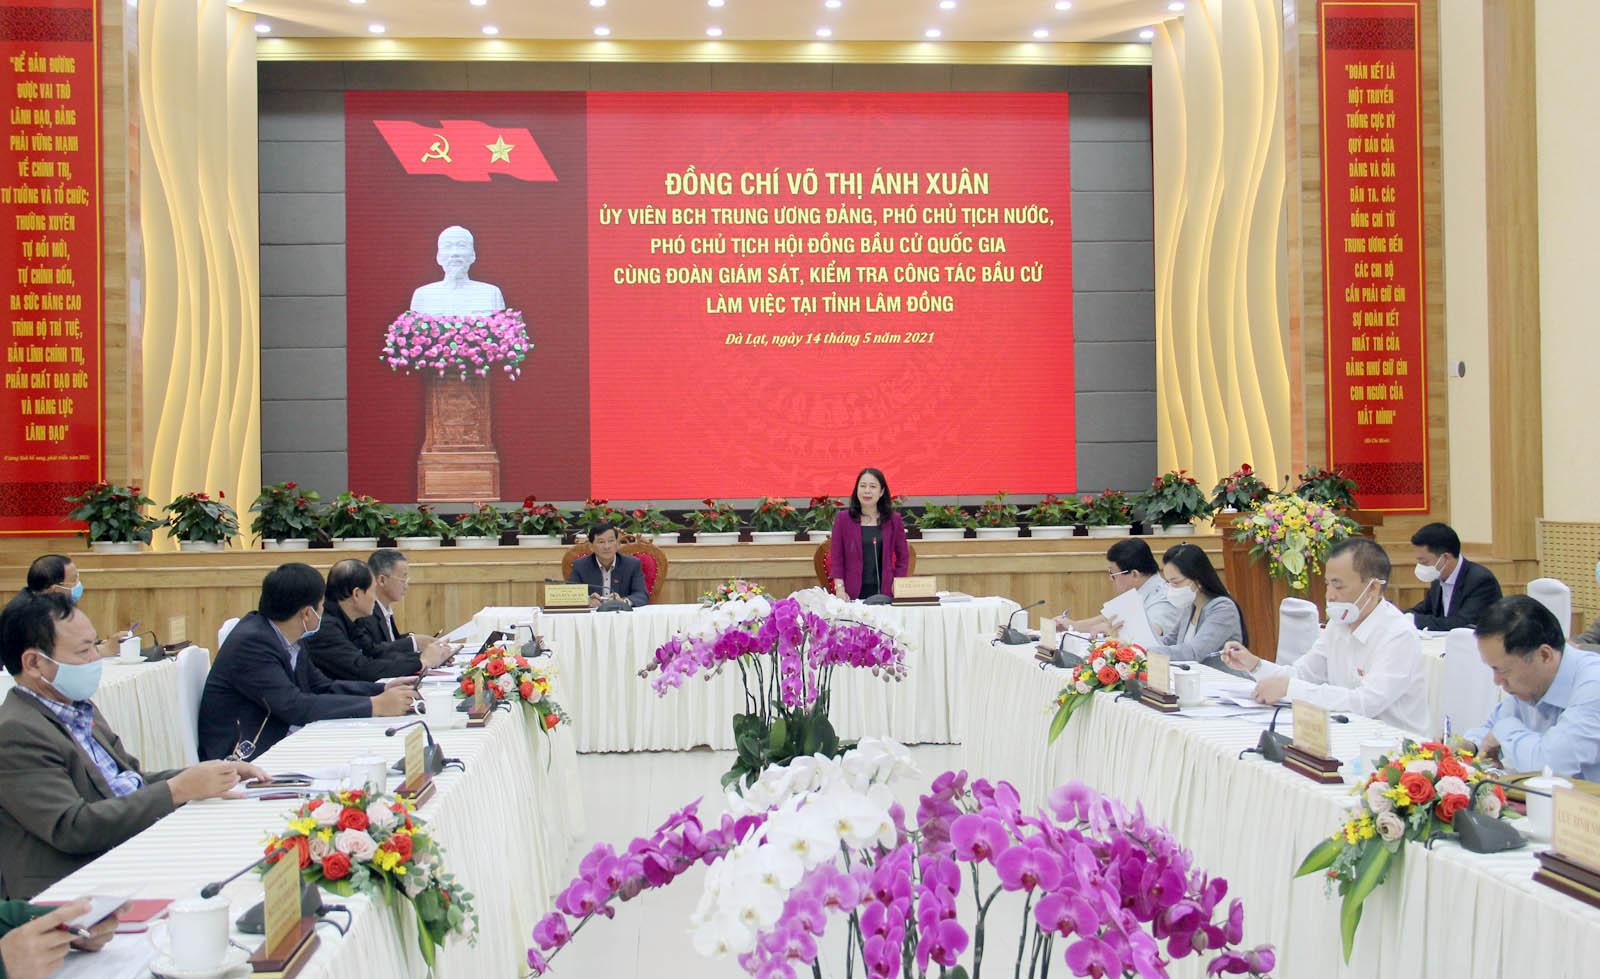 Phó Chủ tịch nước kiểm tra công tác bầu cử tại Lâm Đồng - Ảnh 1.